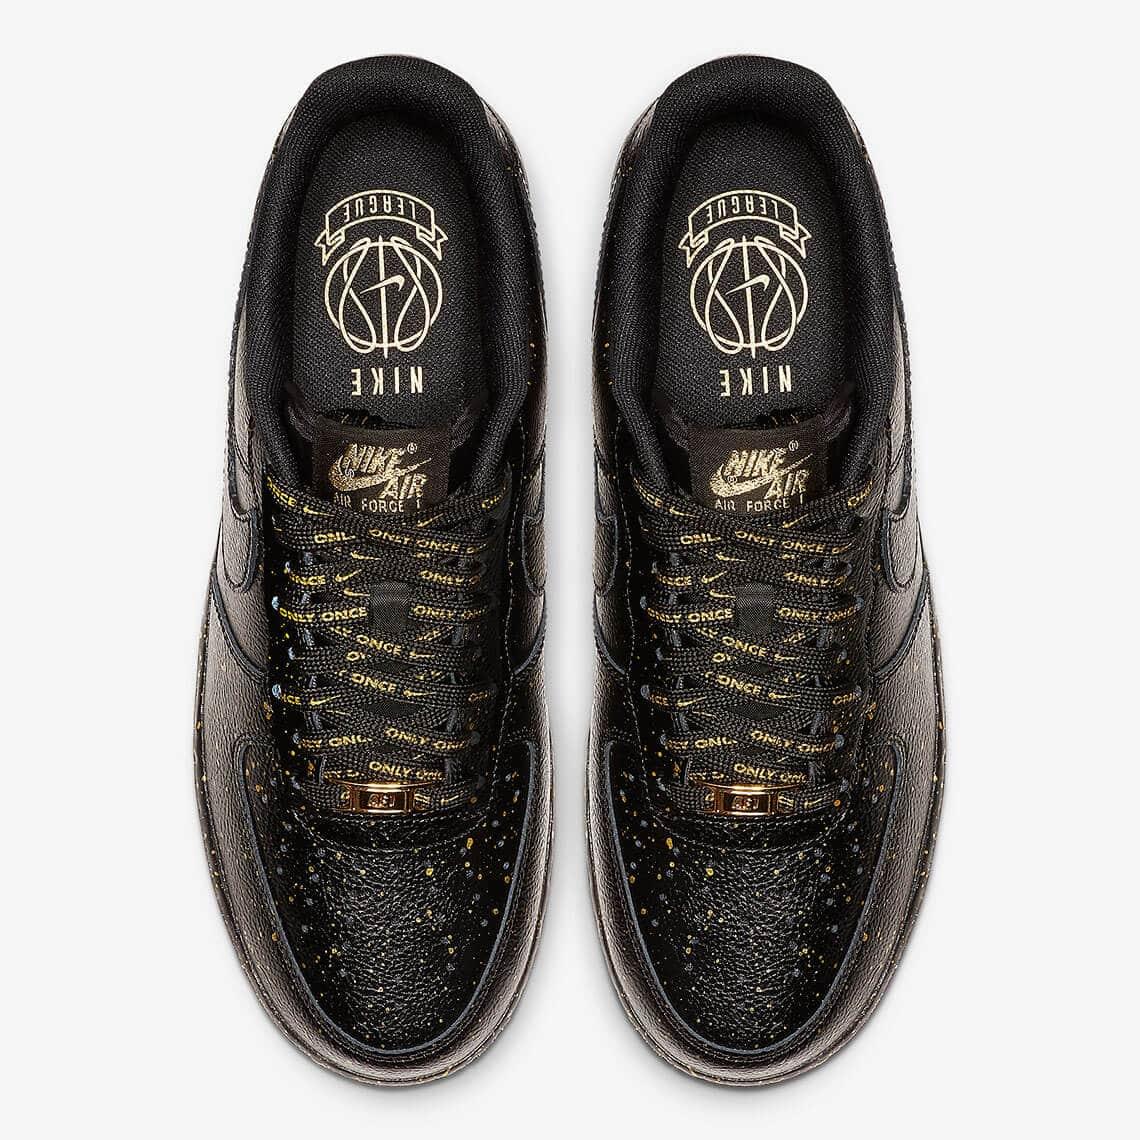 Nike Air Force 1 CJ7786 007 4